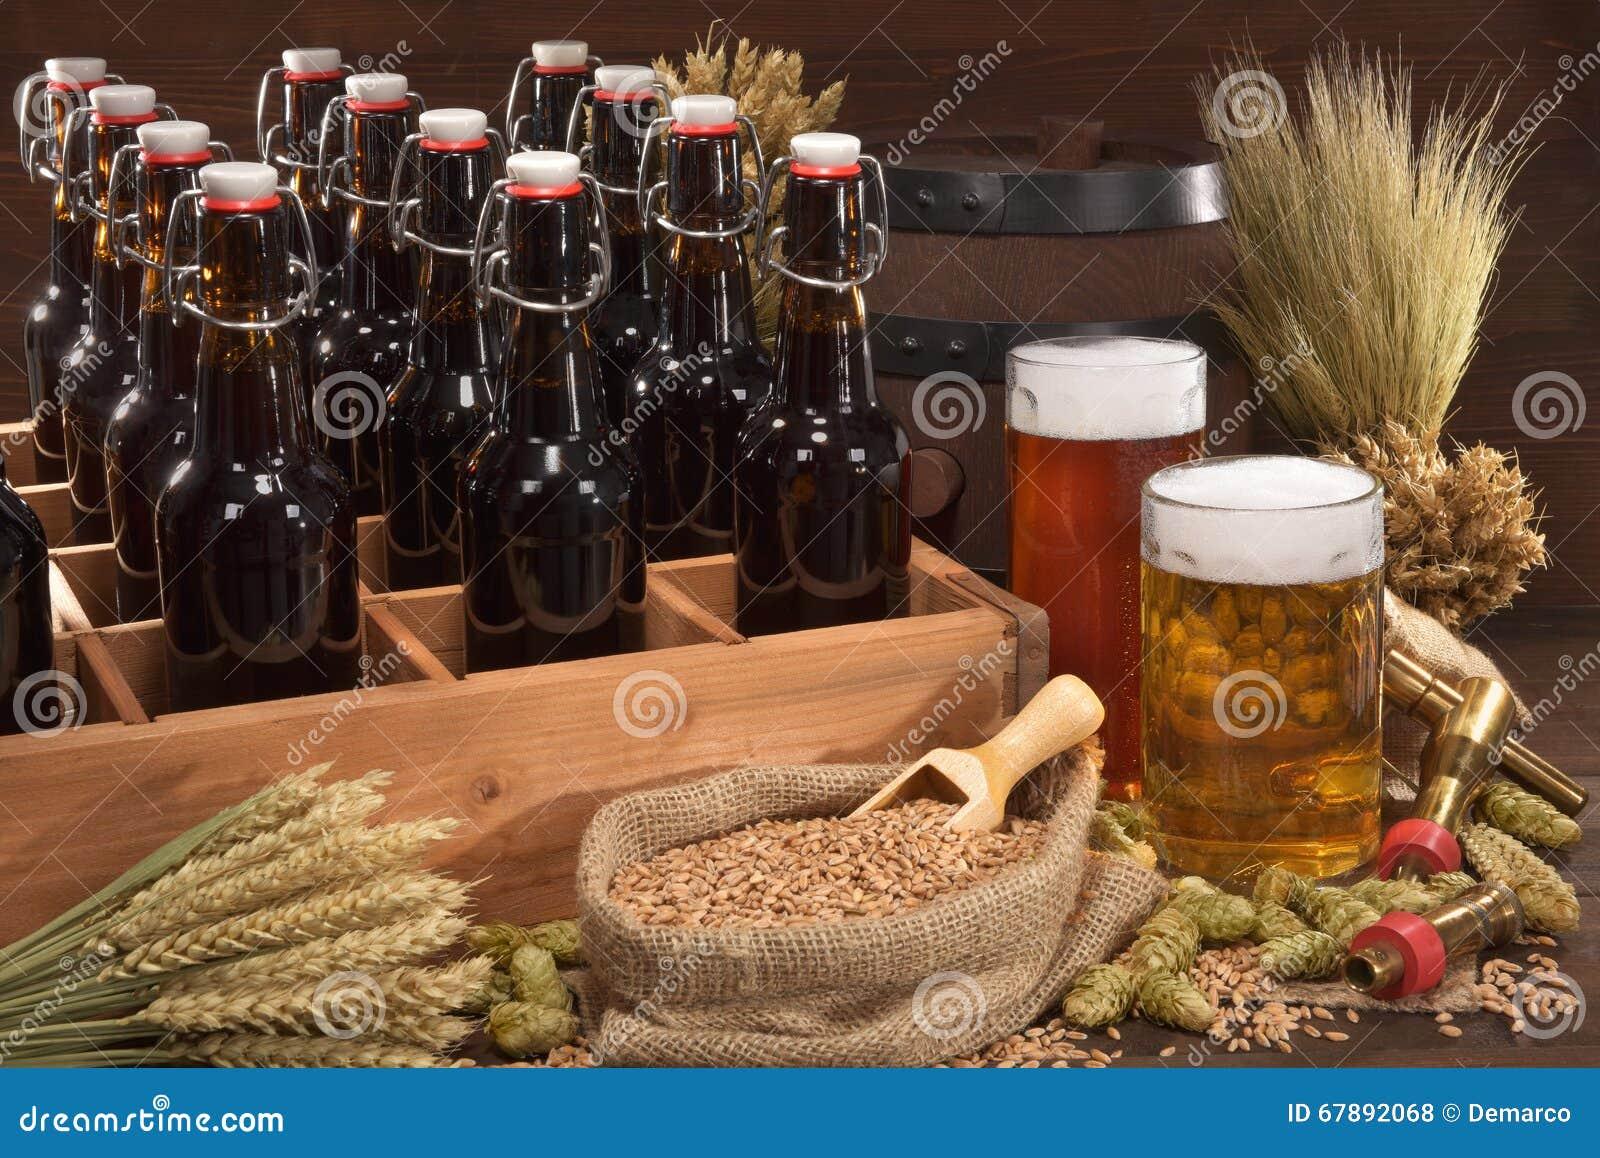 Caisse de bière avec des verres de bière